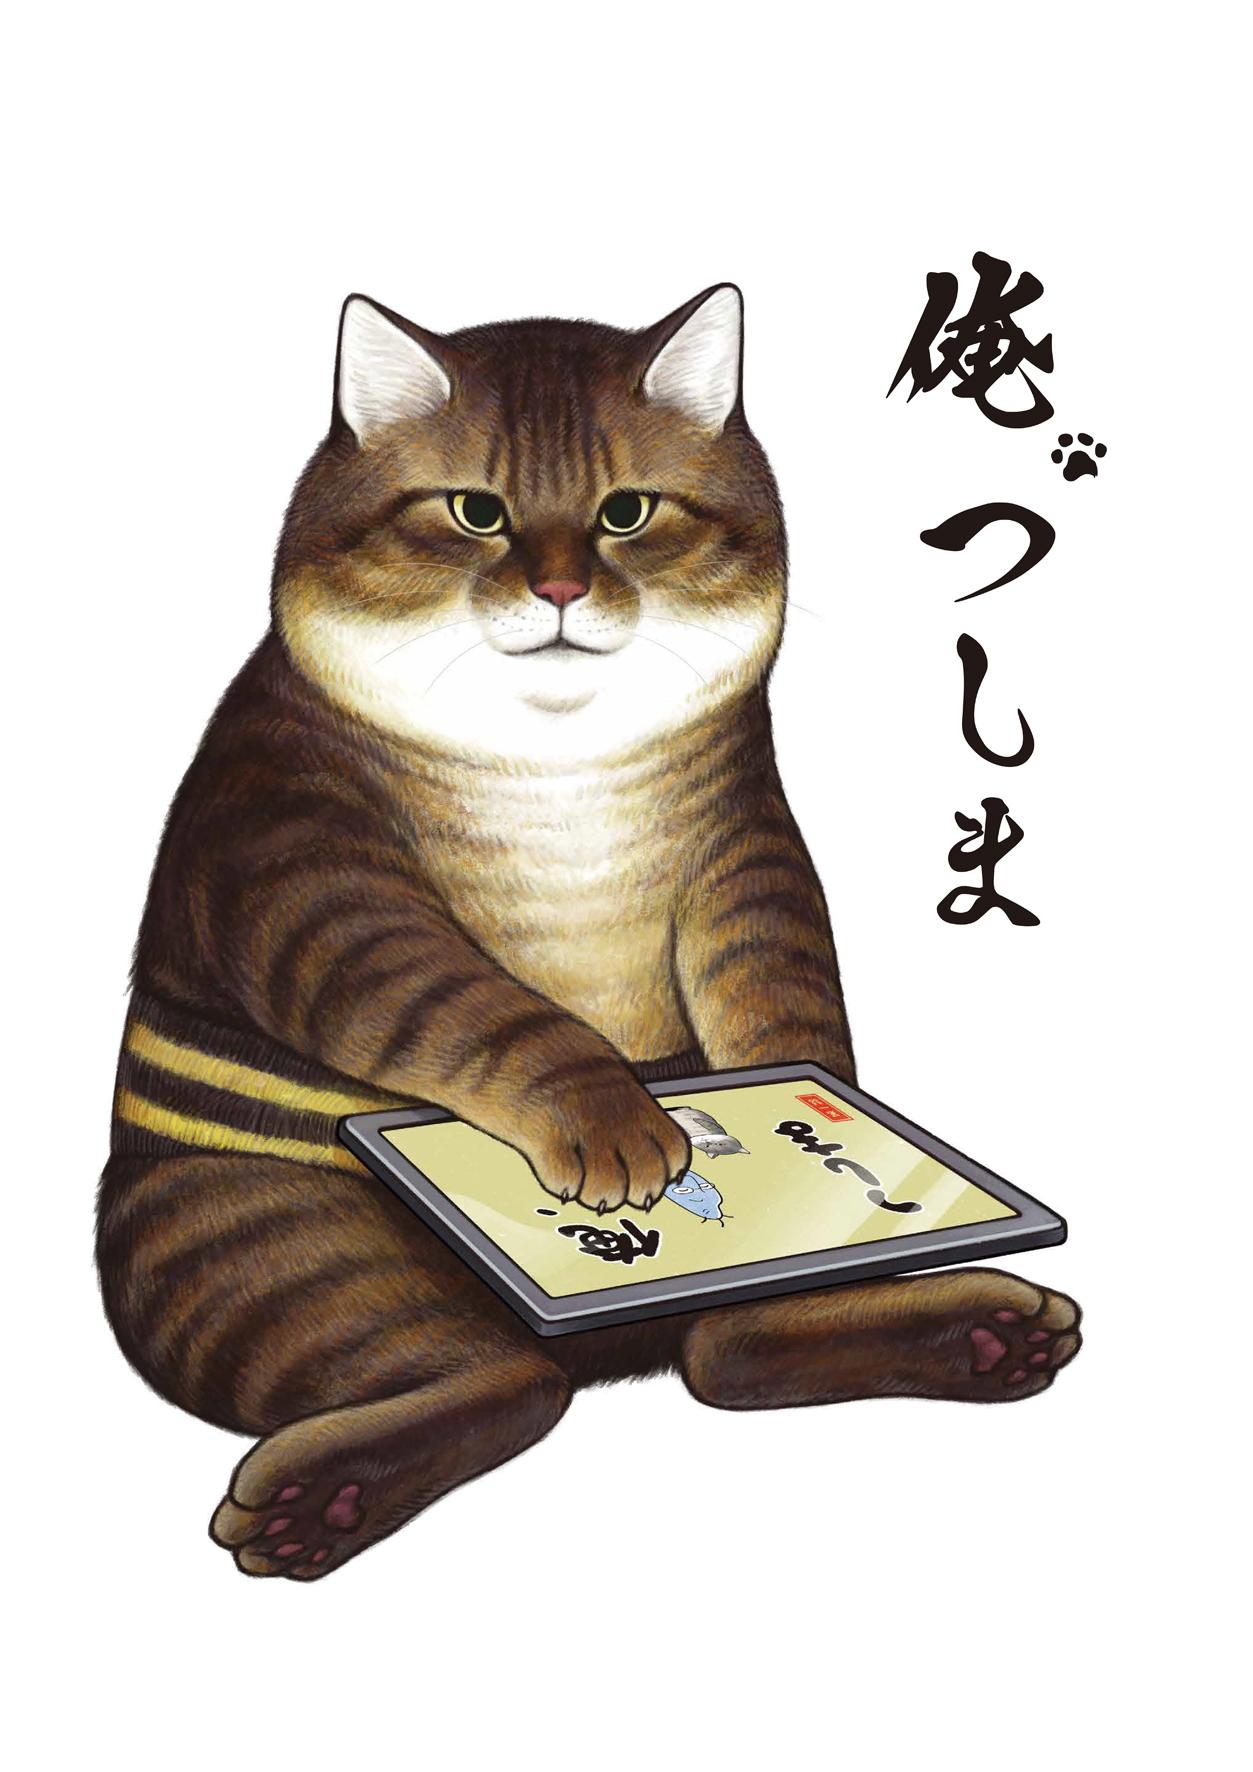 しゃべる 猫 コロナ